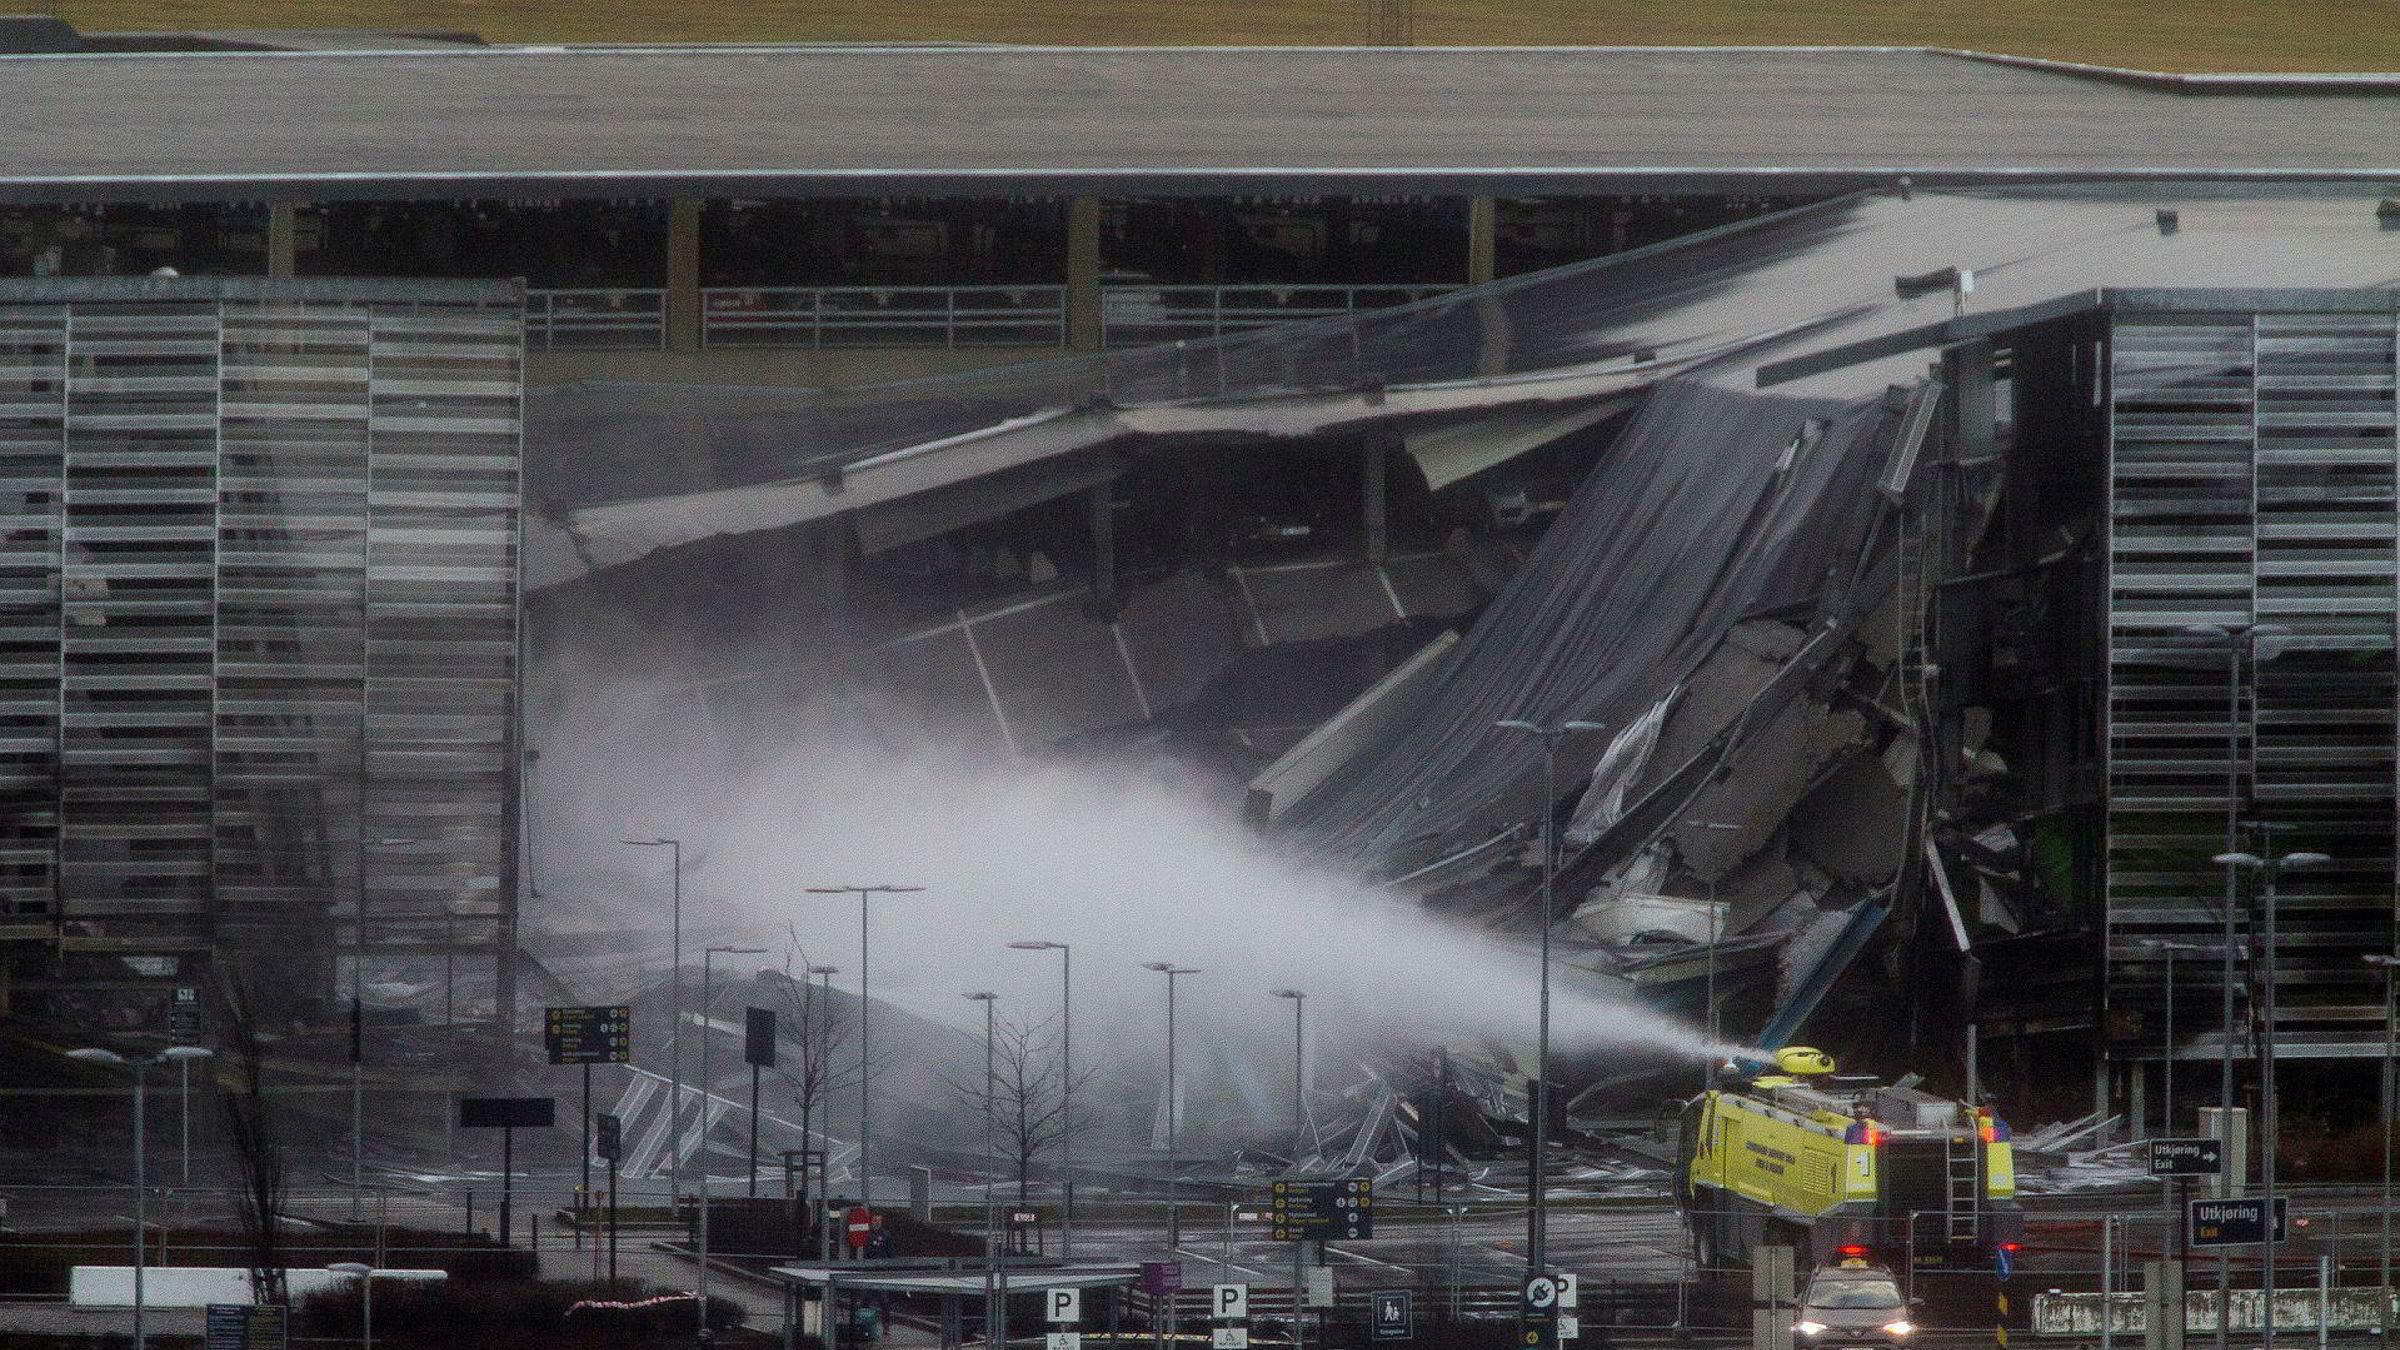 Tirsdag 7. januar oppsto det en storbrann i et parkeringshus utenfor Stavanger lufthavn Sola. 1300 biler ble ødelagt i brannen.